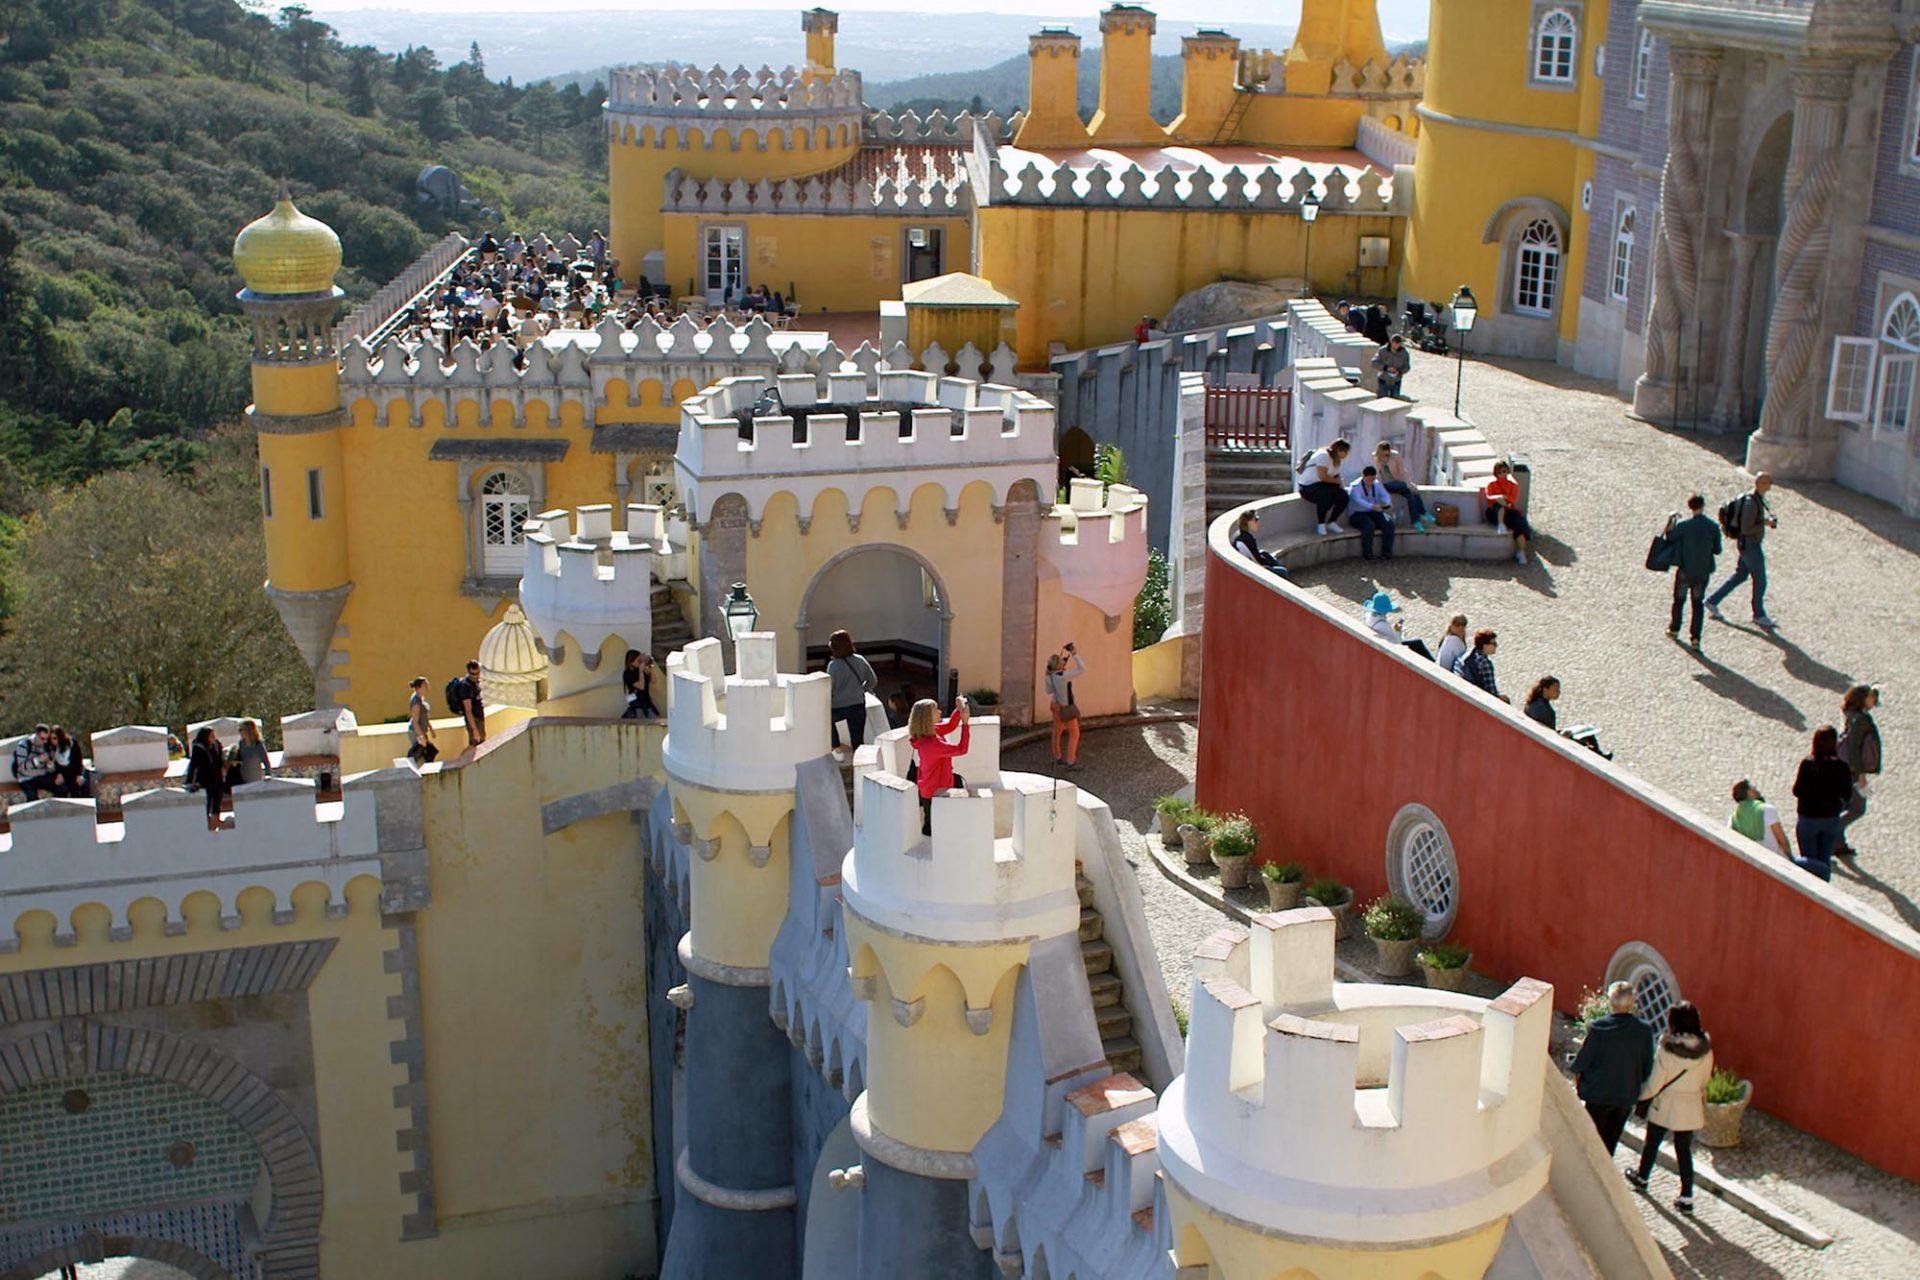 Palácio Nacional da Pena.  Jede Menge Zinnen, Minarette und andere Türmchen bestimmen die Silhouette des Schlosses.